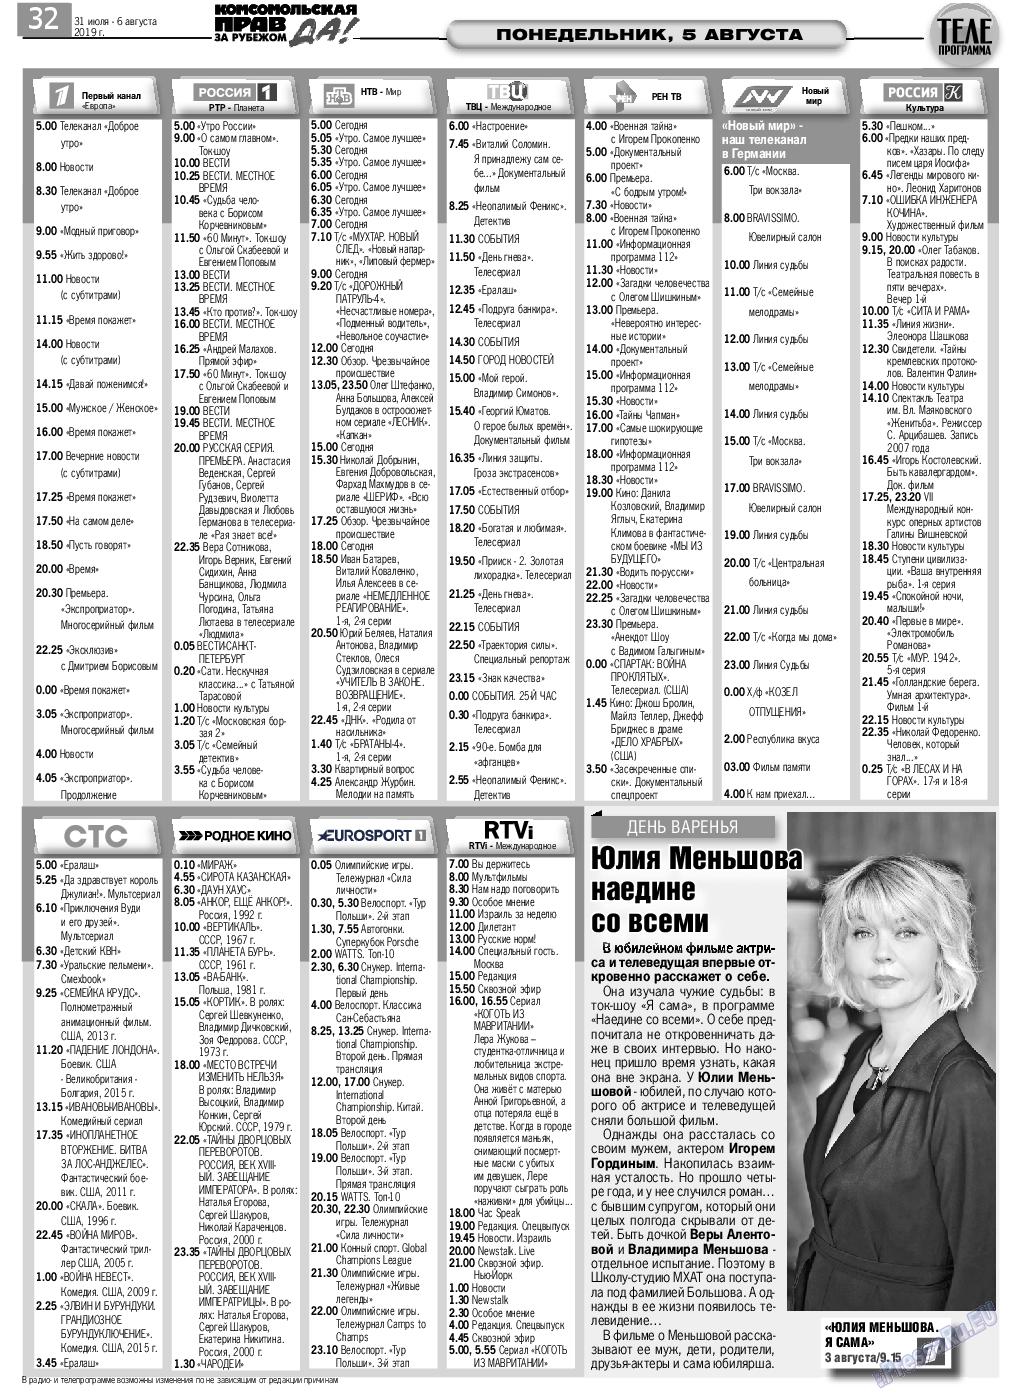 КП в Европе (газета). 2019 год, номер 31, стр. 32